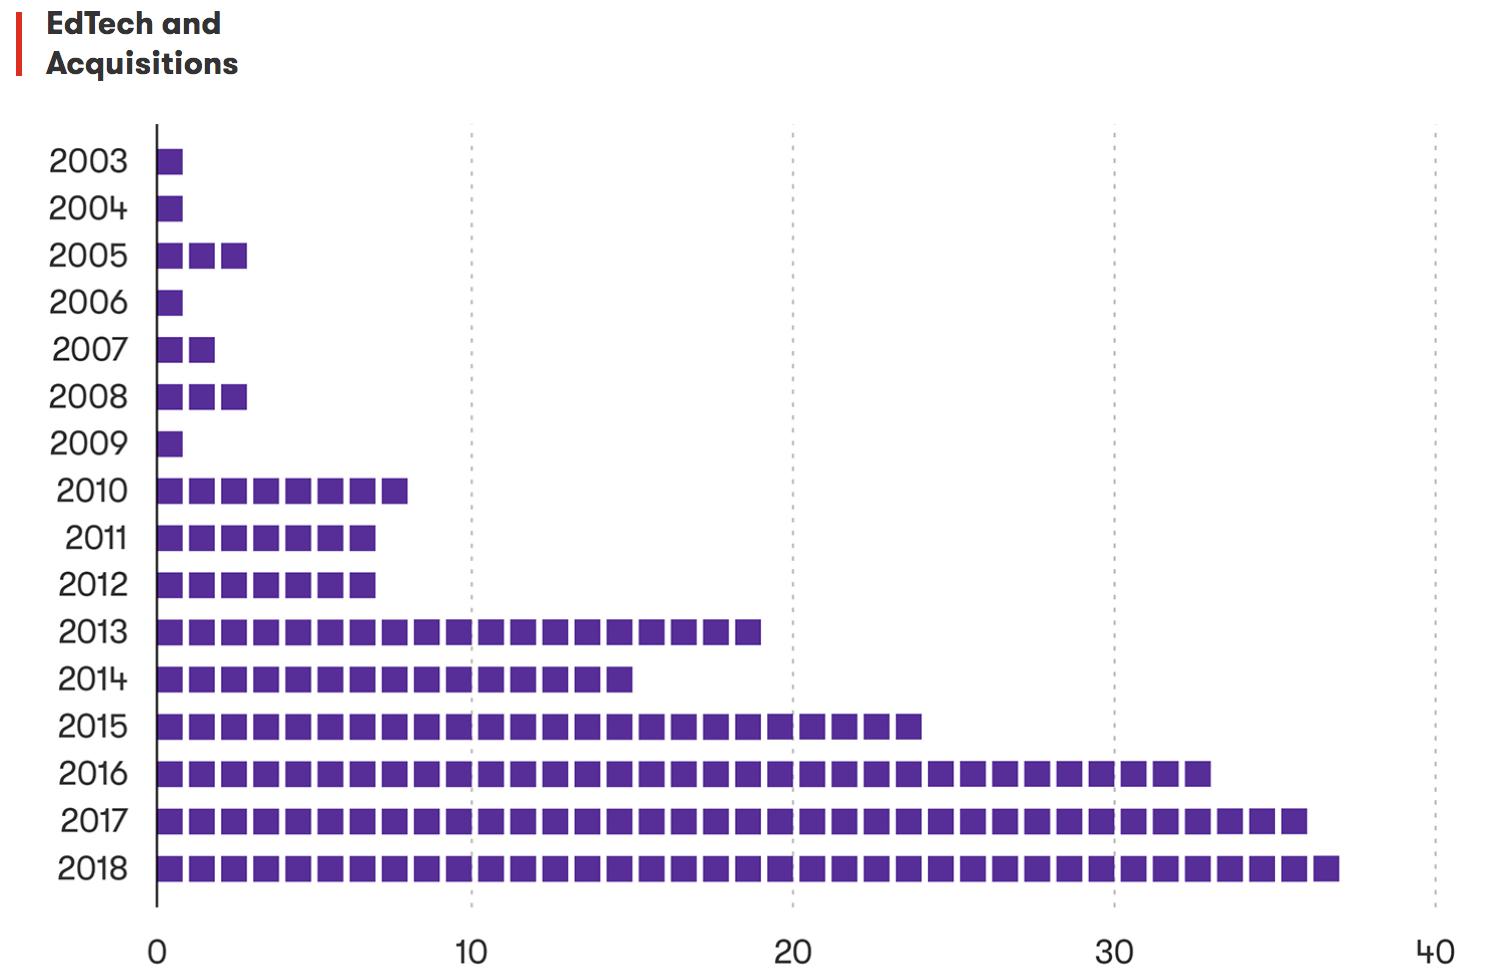 Выходы из Edtech увеличиваются, но насколько? 2020 edtech